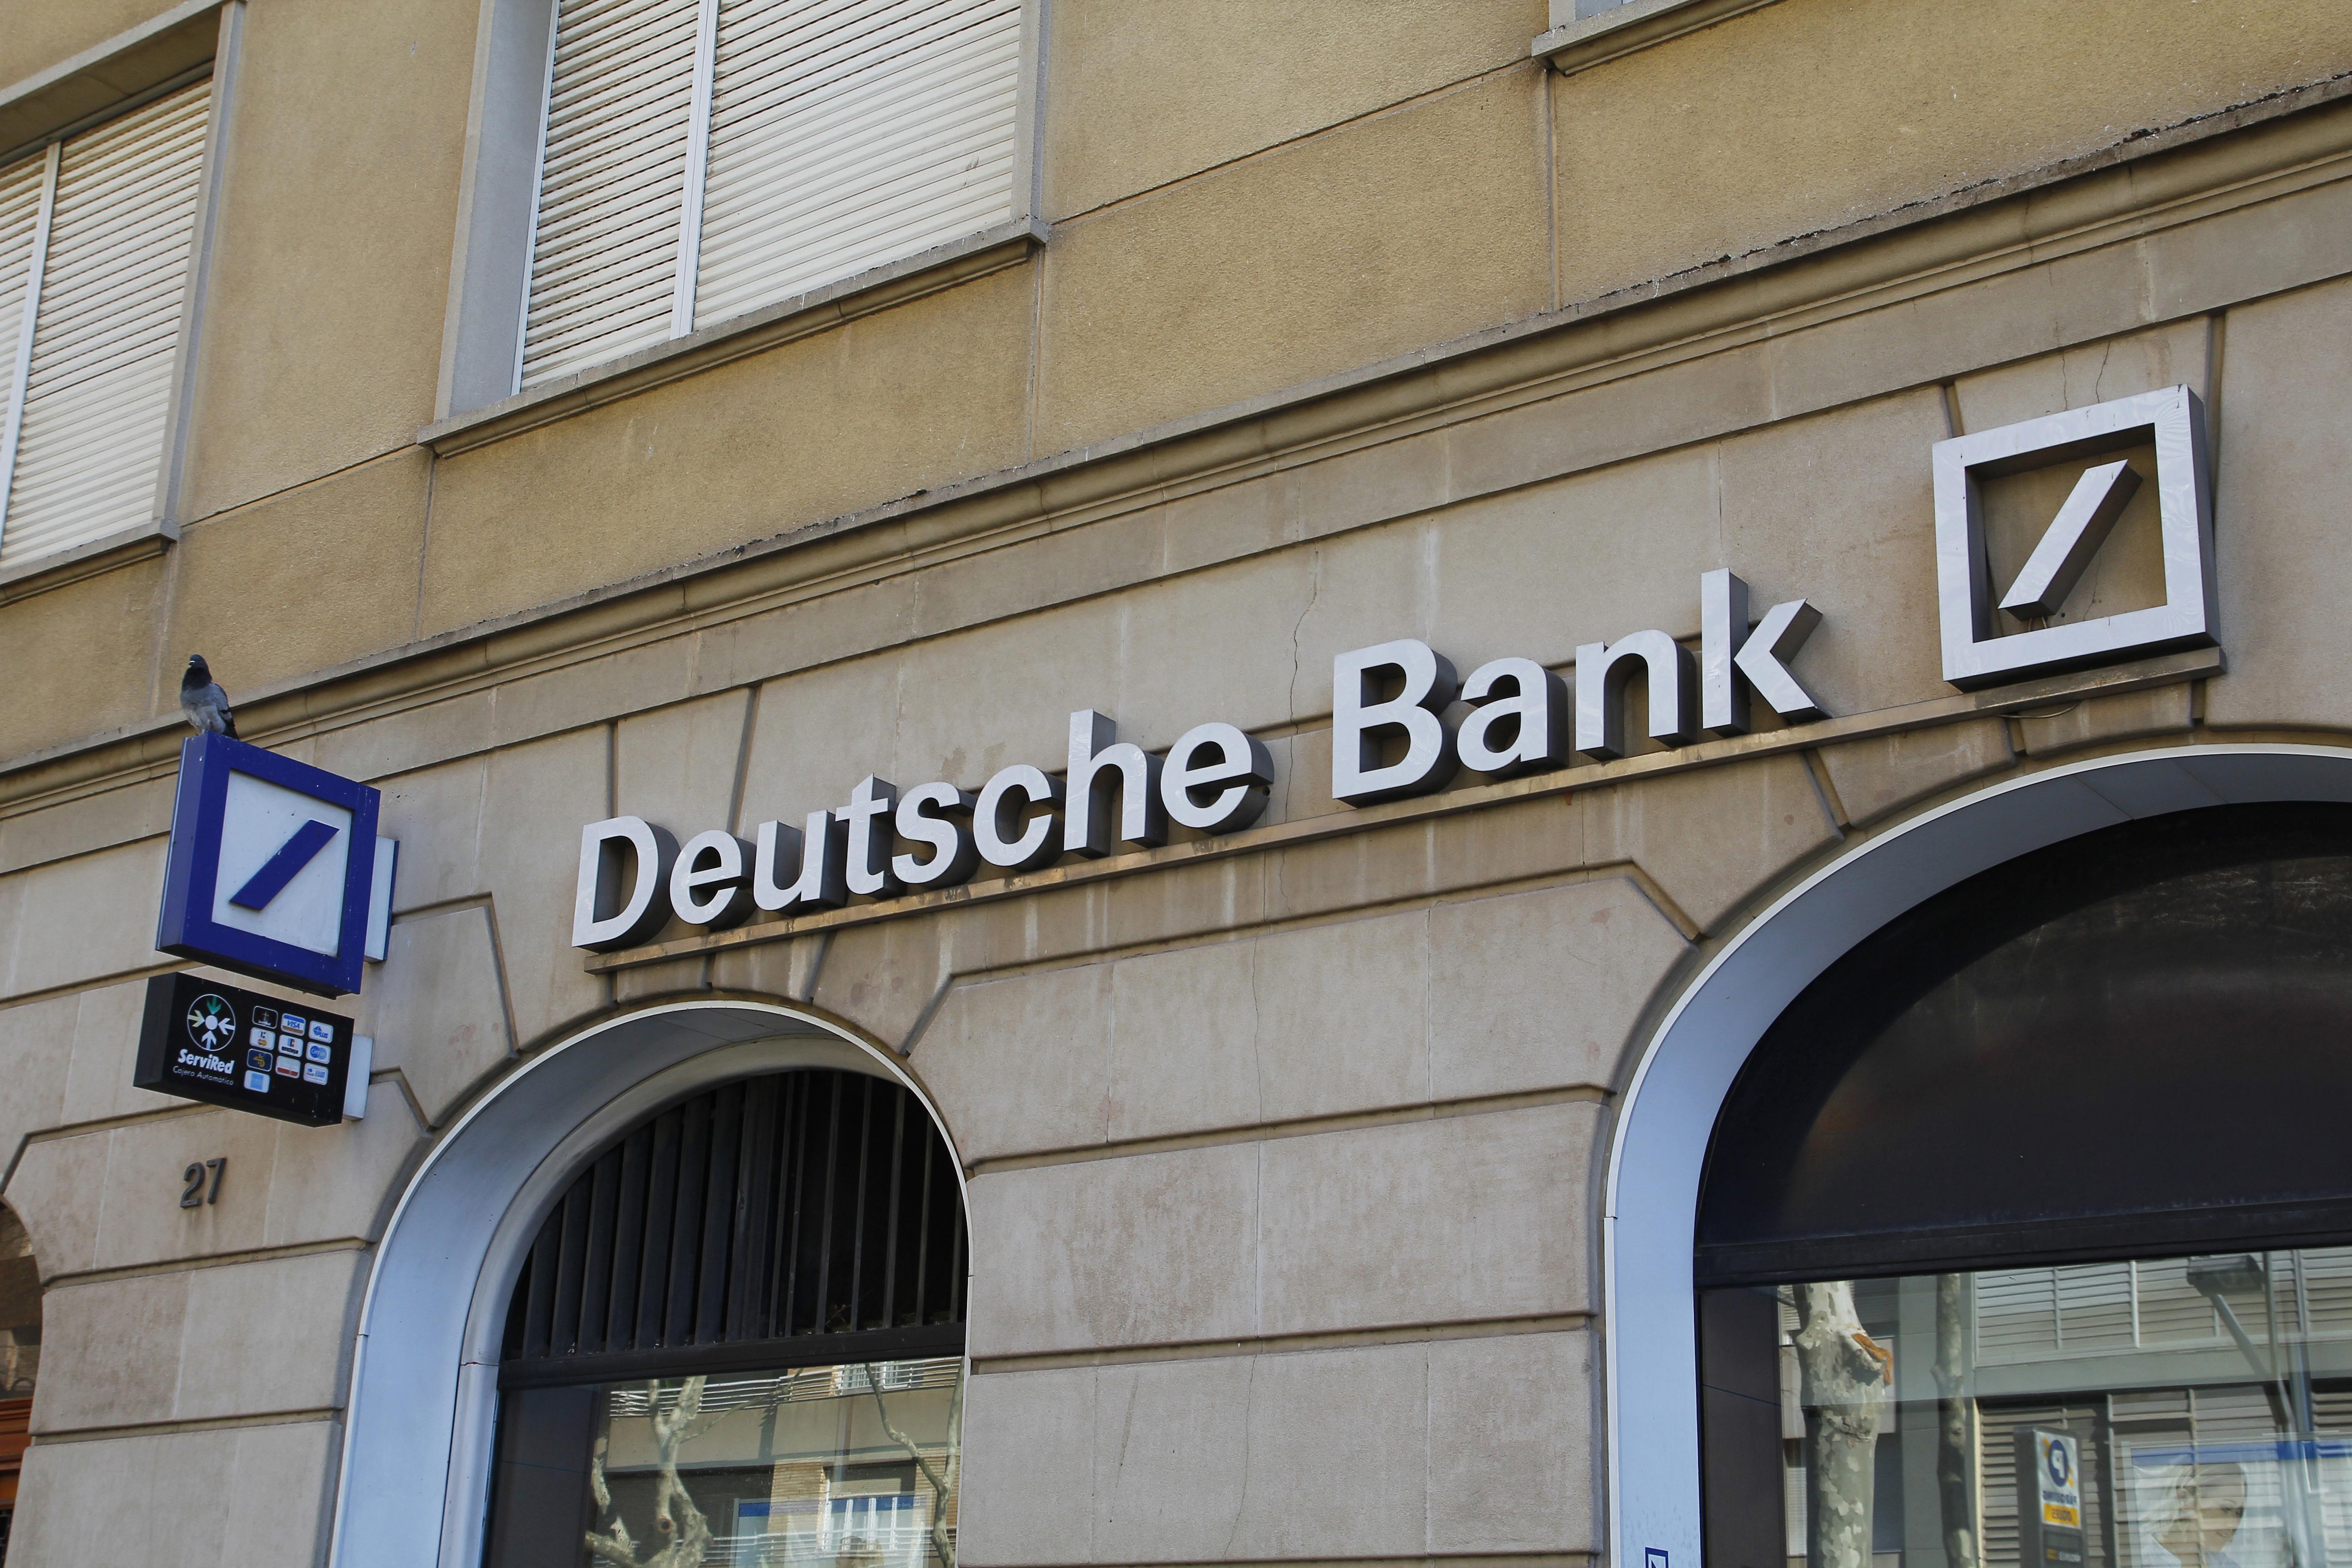 Deutsche bank branch office